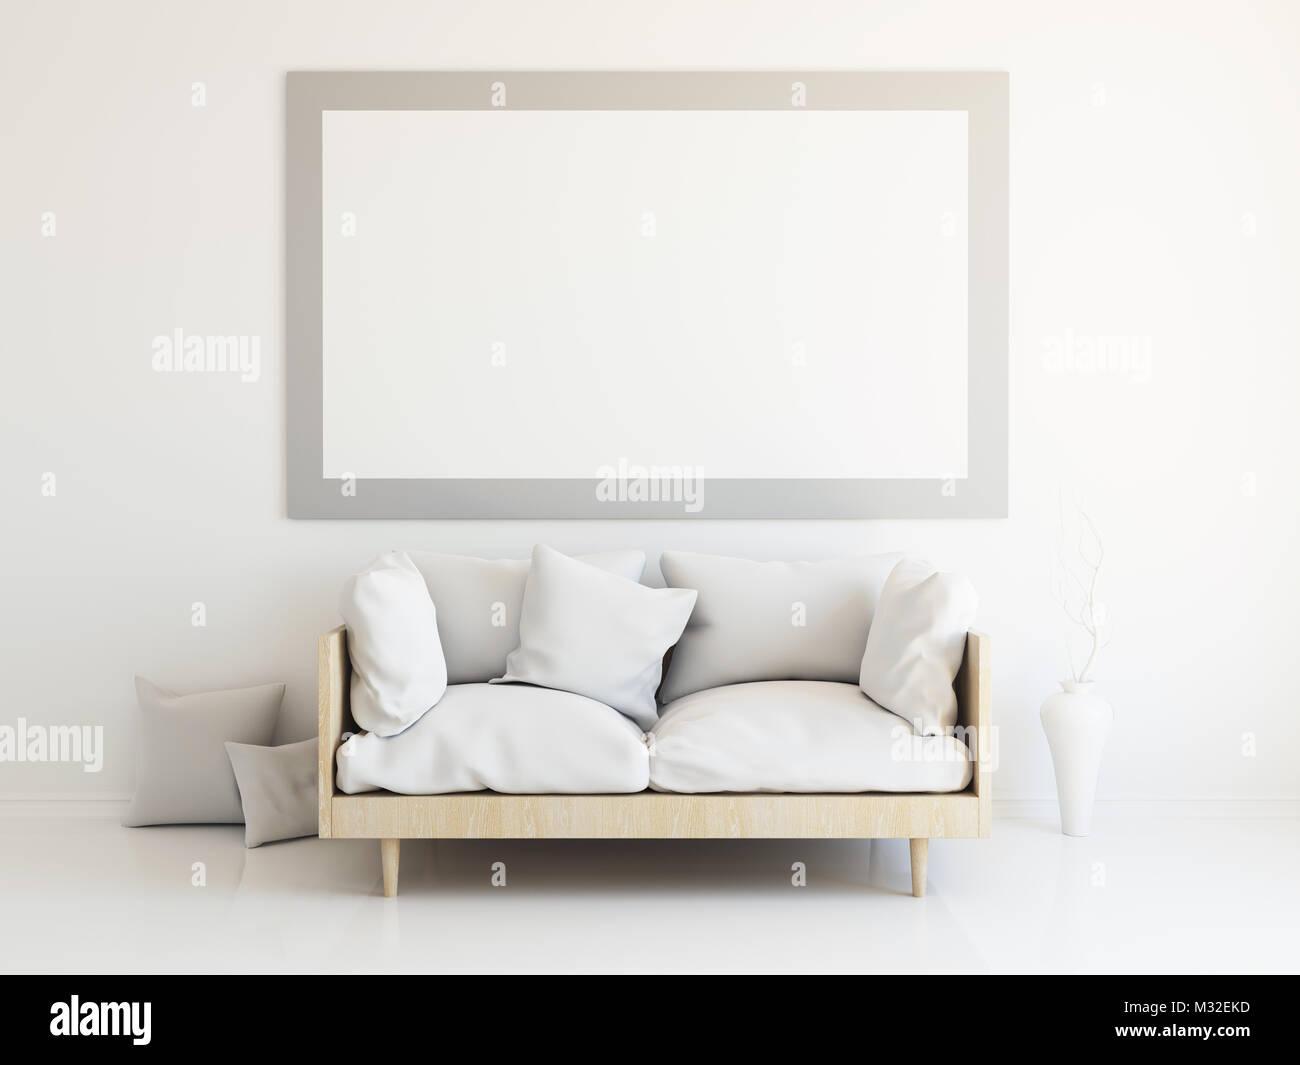 Innenraum mockup Illustration, 3D-Rendering des skandinavischen Stil ...